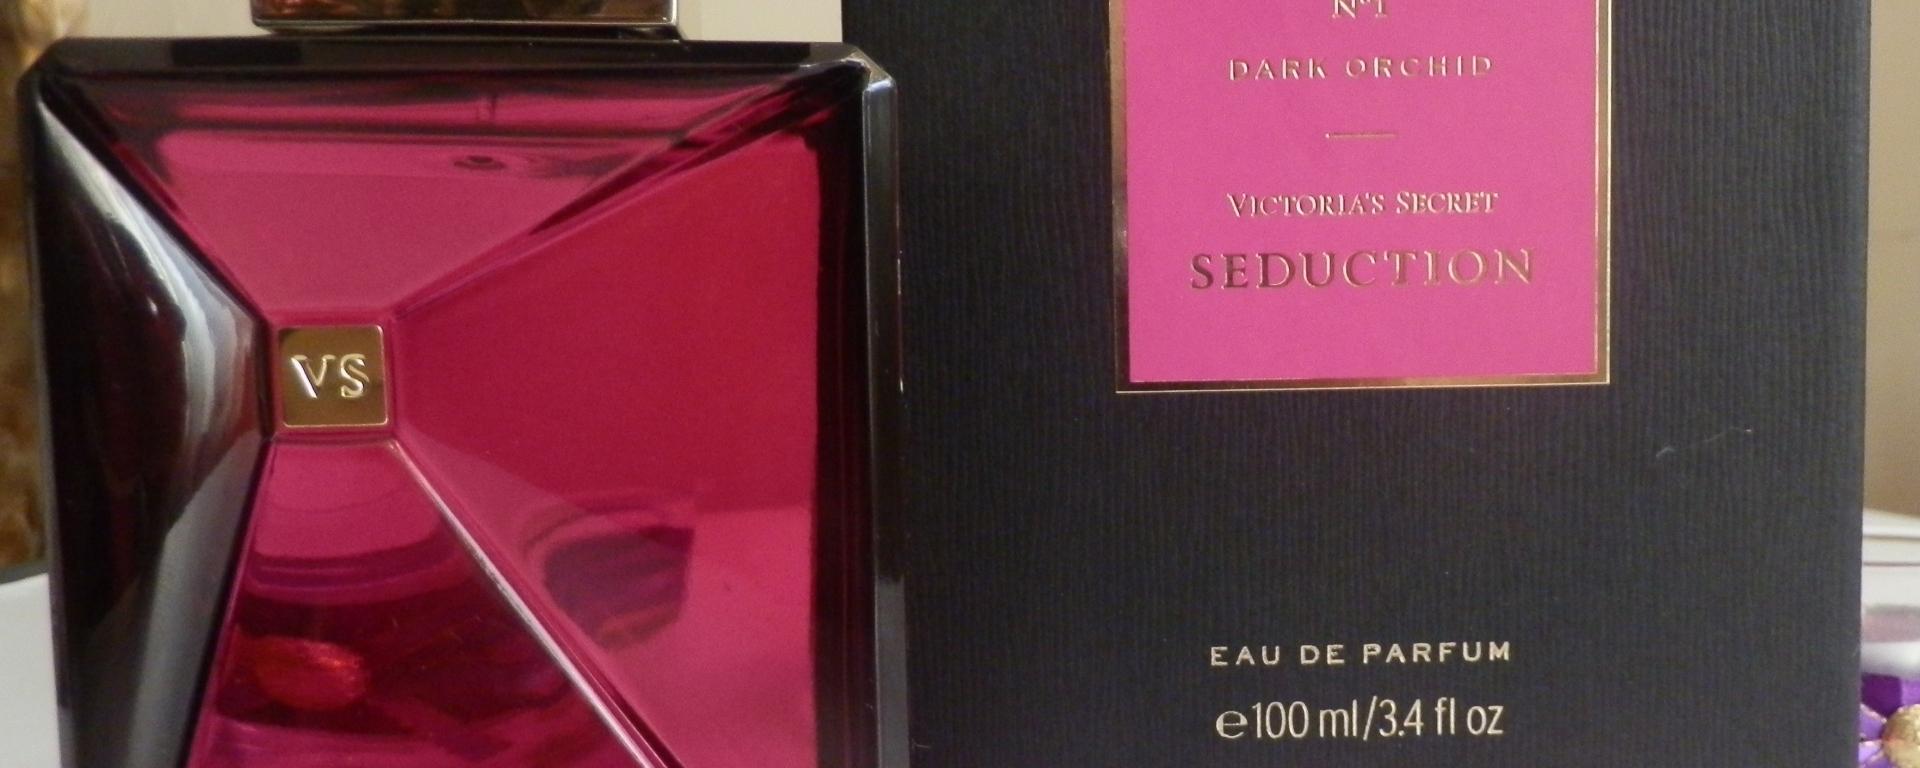 b31bfe6a70819 Victoria's Secret Seduction Dark Orchid – MIXED EGO